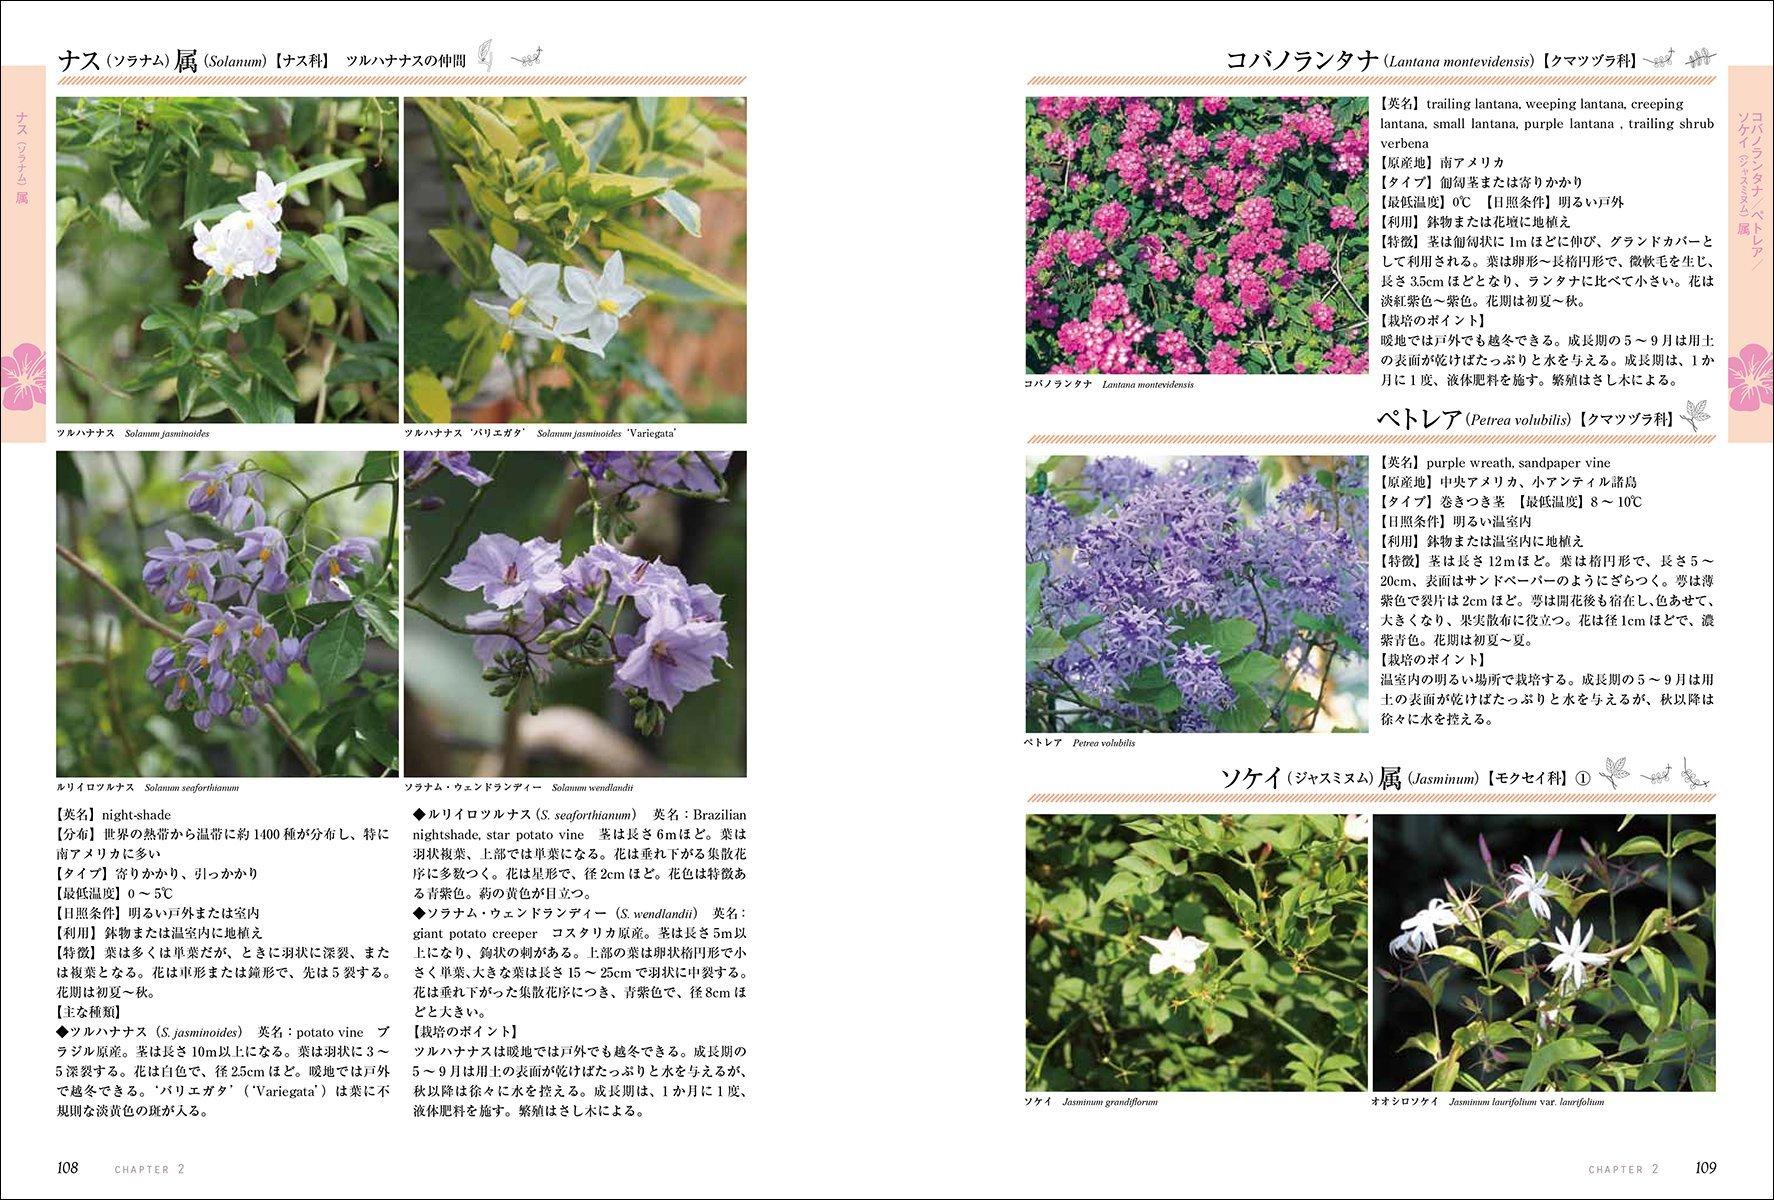 [書籍]『ガーデンライフシリーズ 仕立てて楽しむつる植物: つるバラ・クレマチス・アサガオから珍しい植物まで』 - 画像2